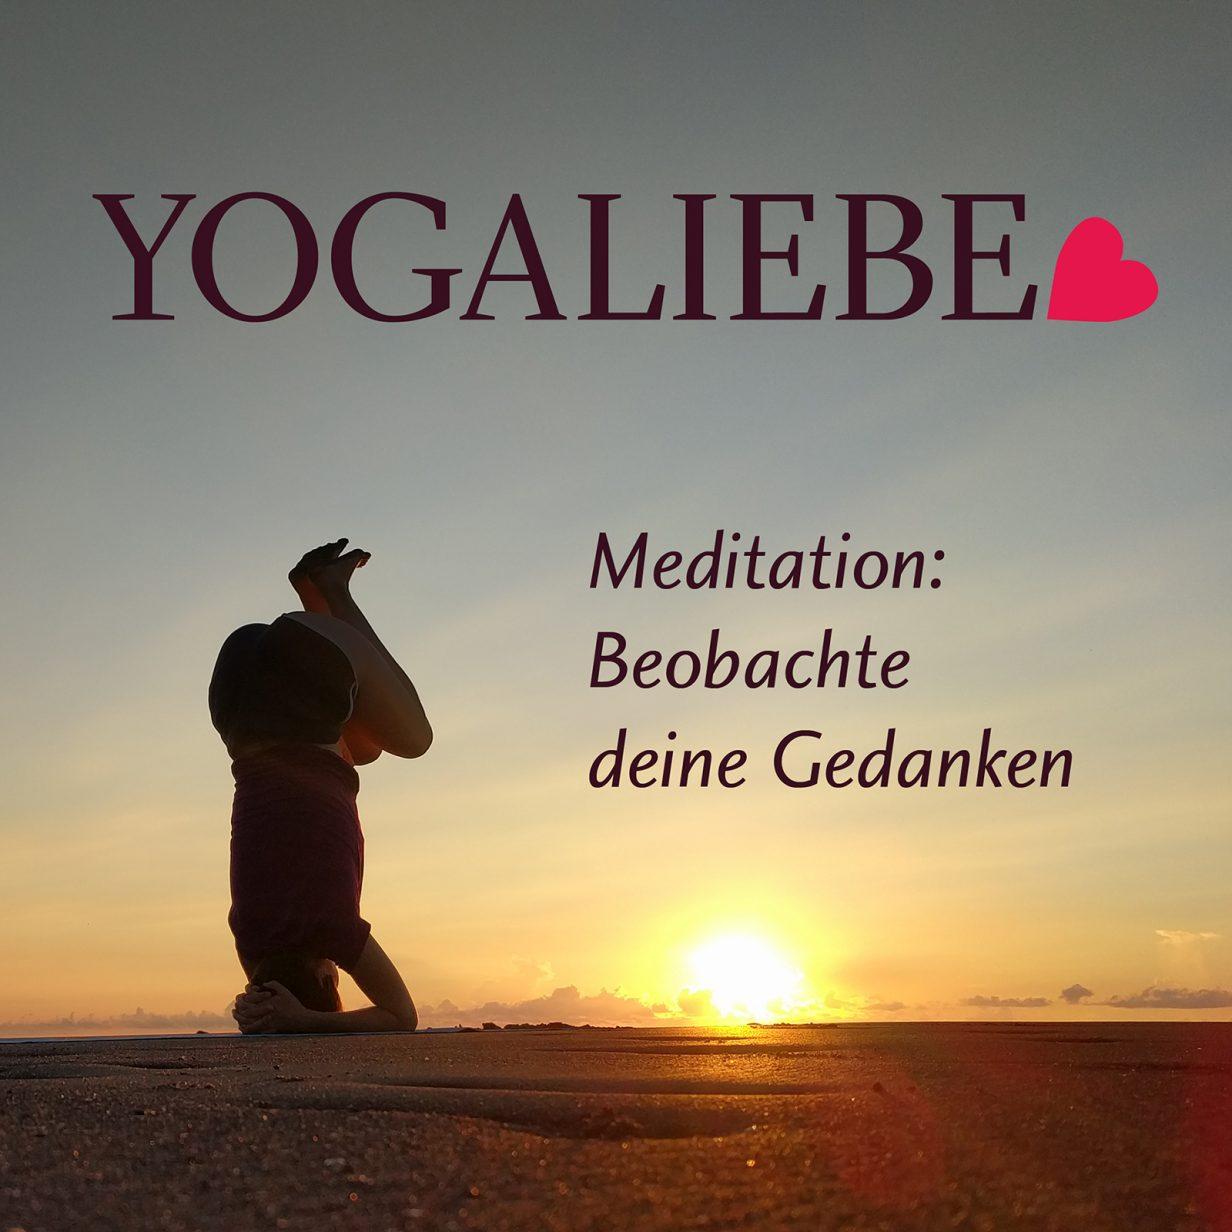 Yogaliebe Podcast: Beobachte deine Gedanken